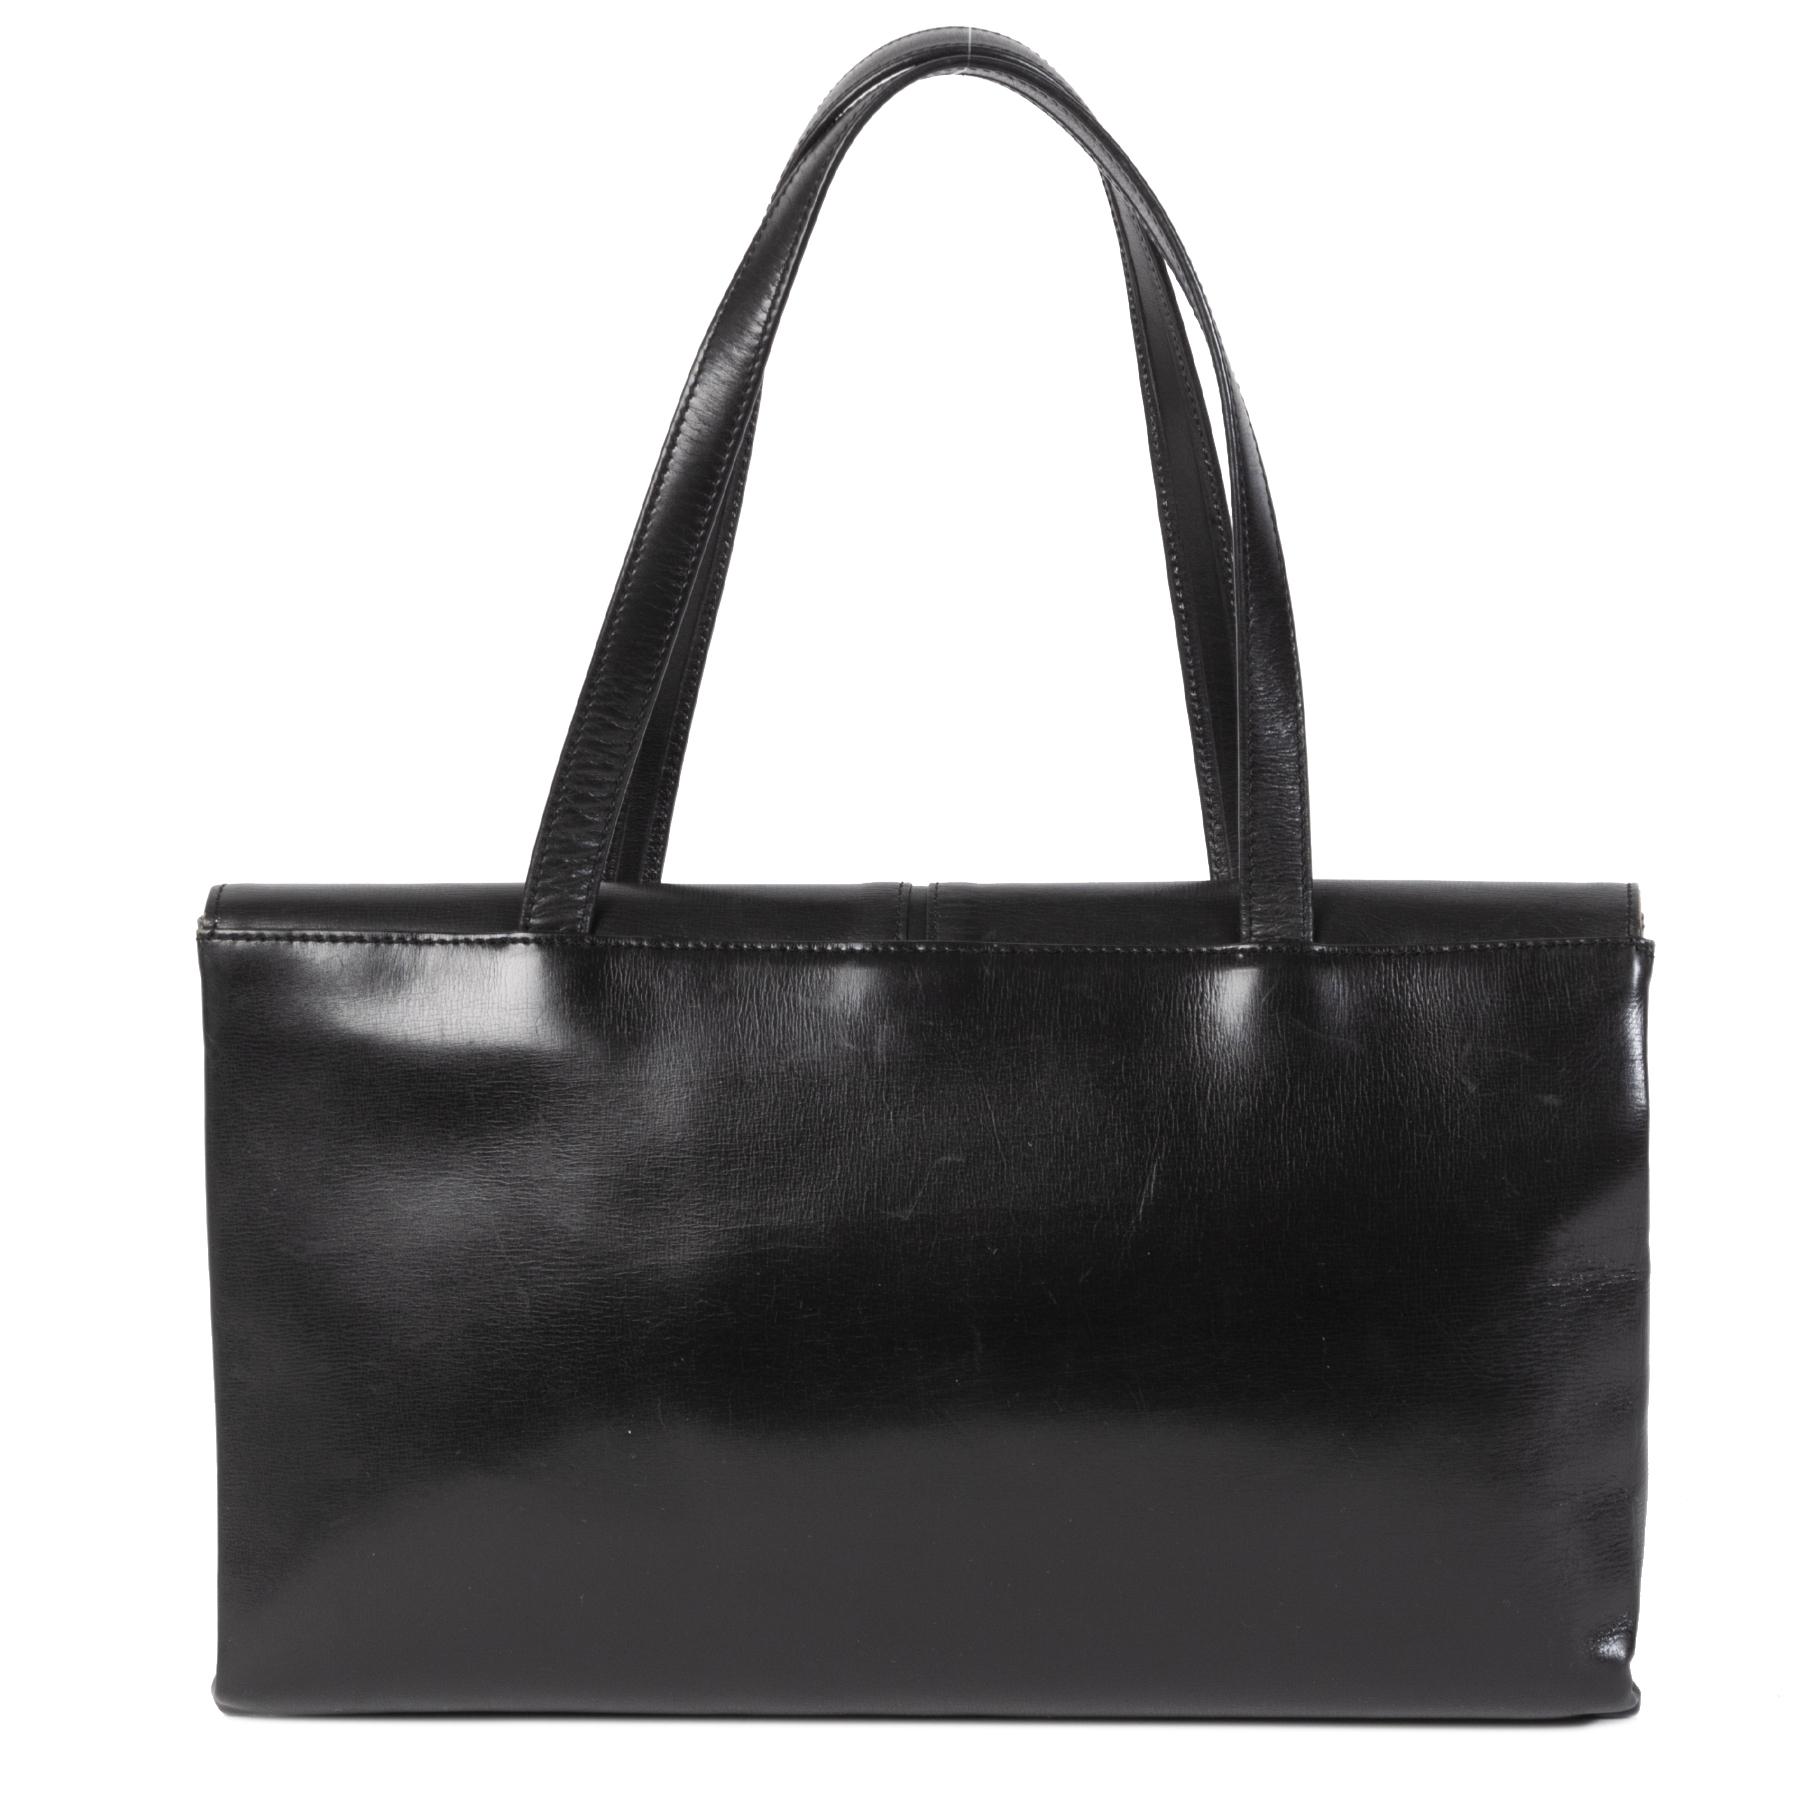 Authentieke Tweedehands Delvaux Vintage Black Shoulder Bag juiste prijs veilig online shoppen luxe merken webshop winkelen Antwerpen België mode fashion